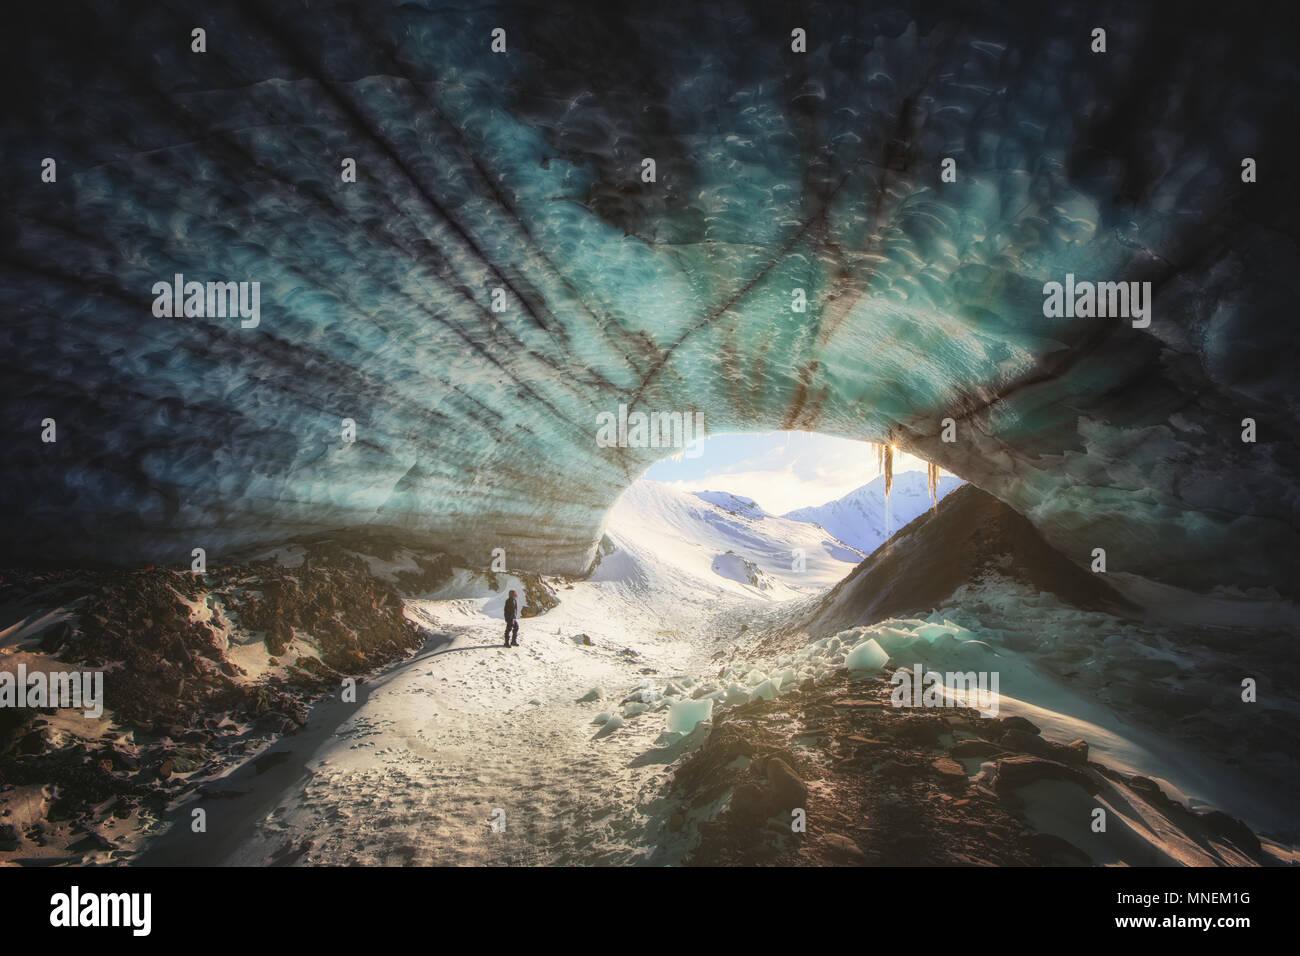 La grotta di ghiaccio di tramonto escursionista escursionismo congelato blu Yukon Canada montagne neve glacier Foto Stock